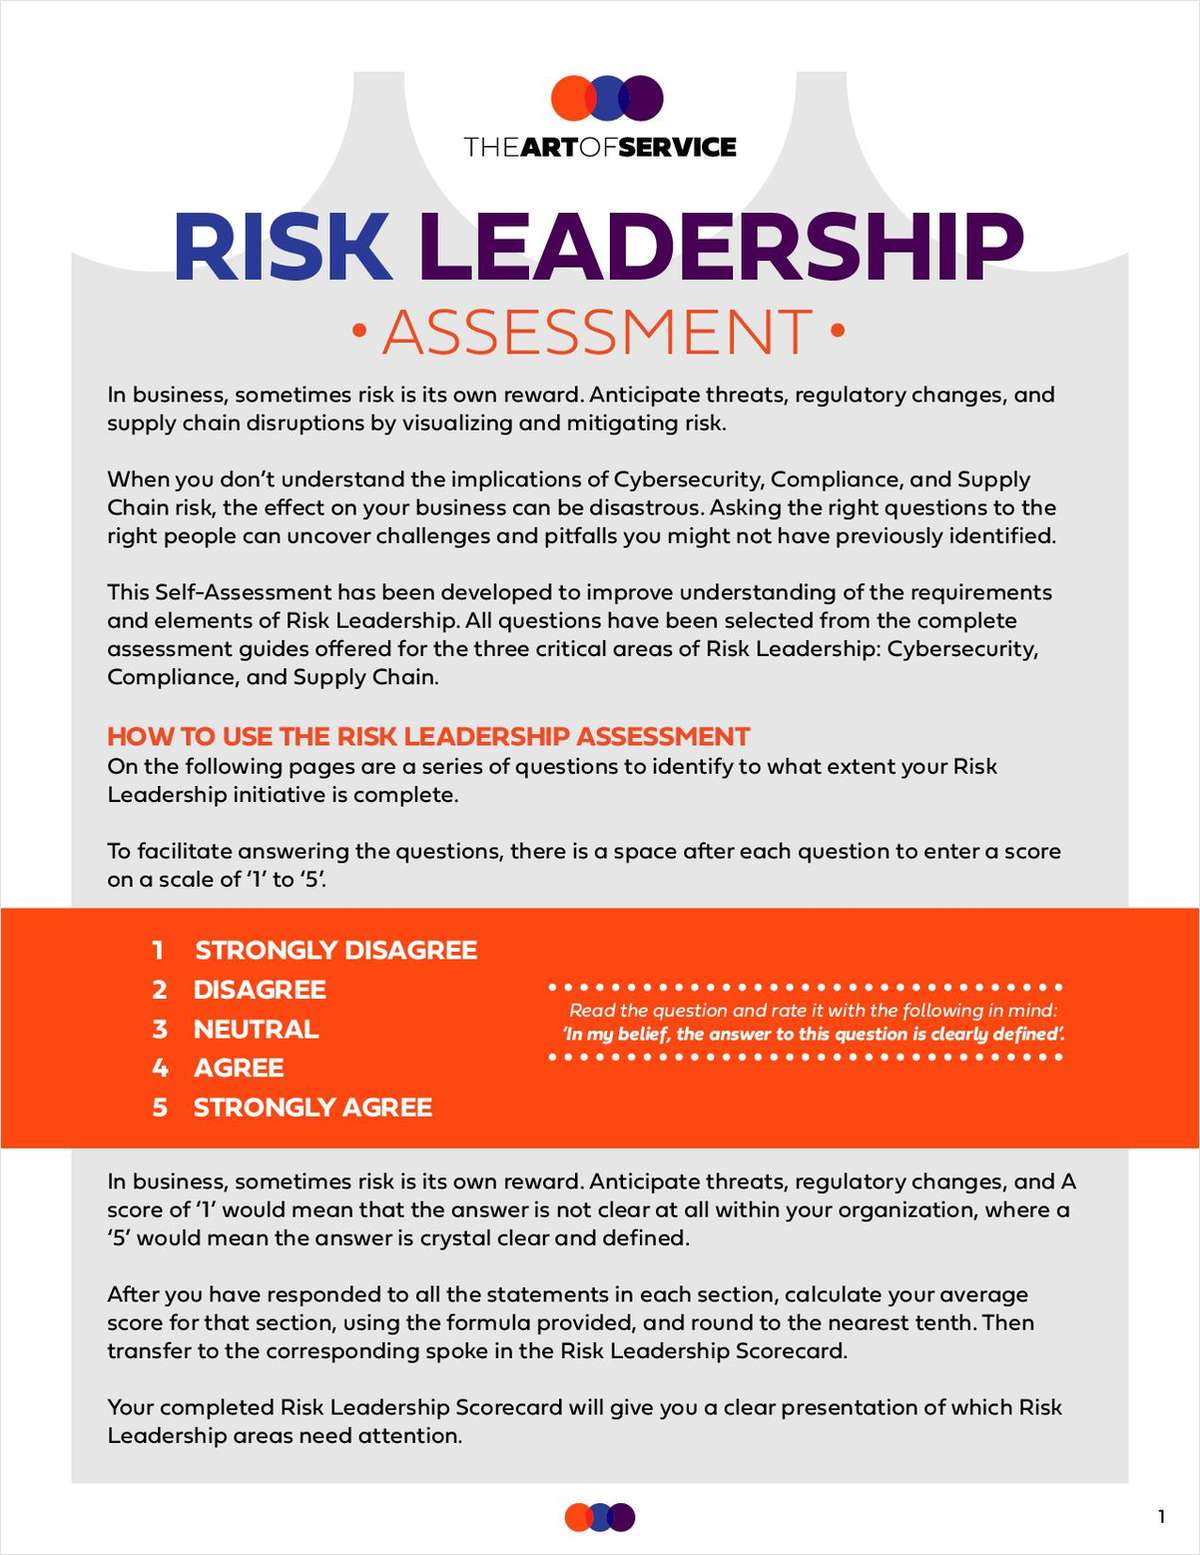 Risk Leadership Assessment